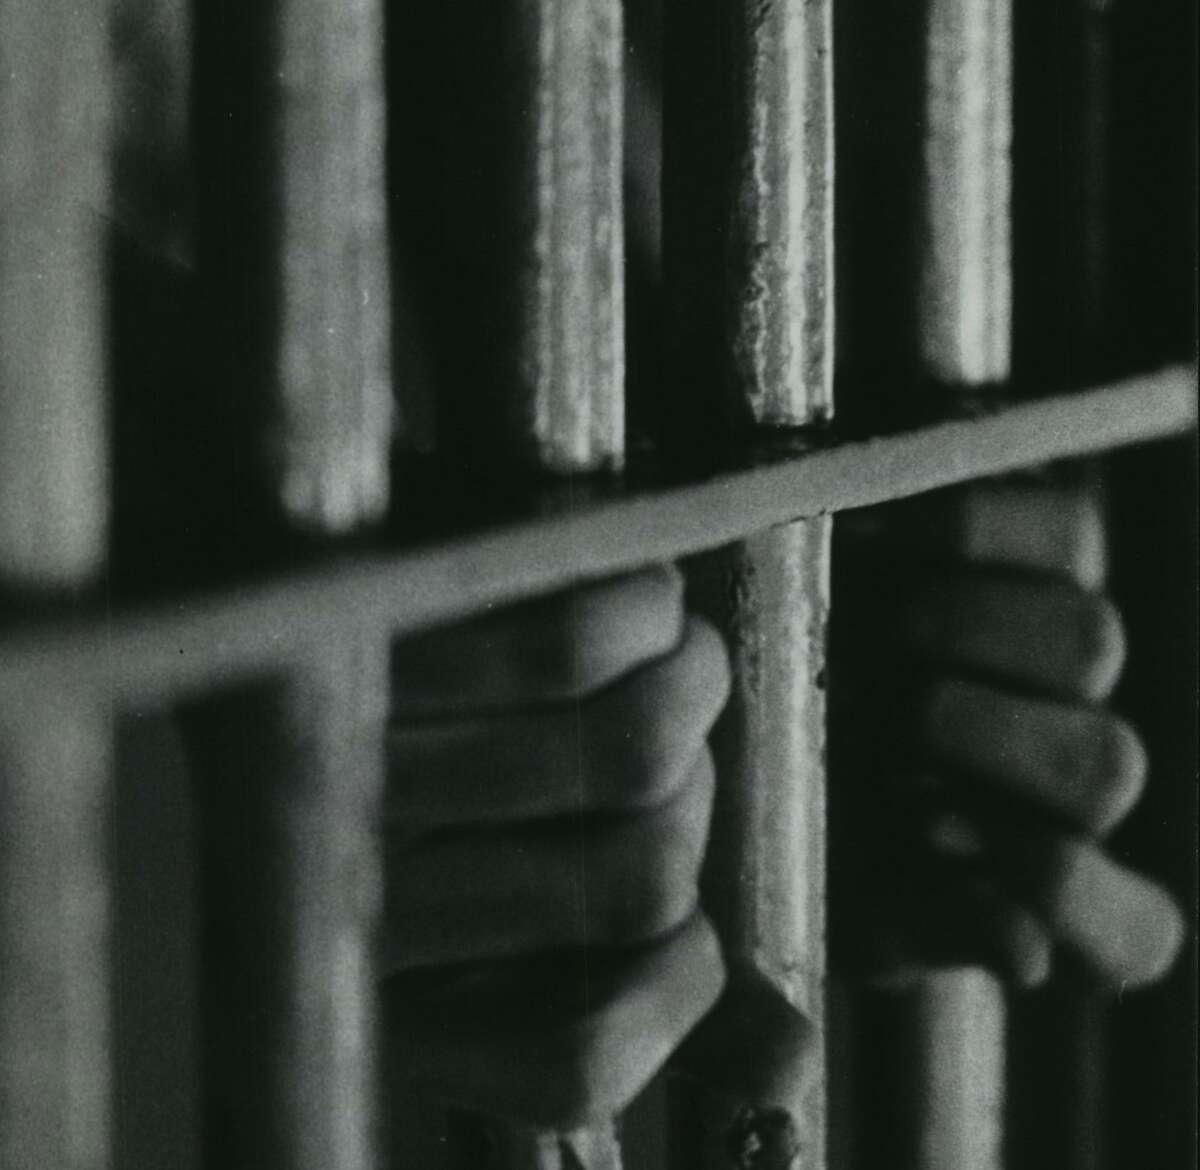 Man behind bars at Houston City Jail. Police Department - Police Station and City Jail. Houston, Texas.